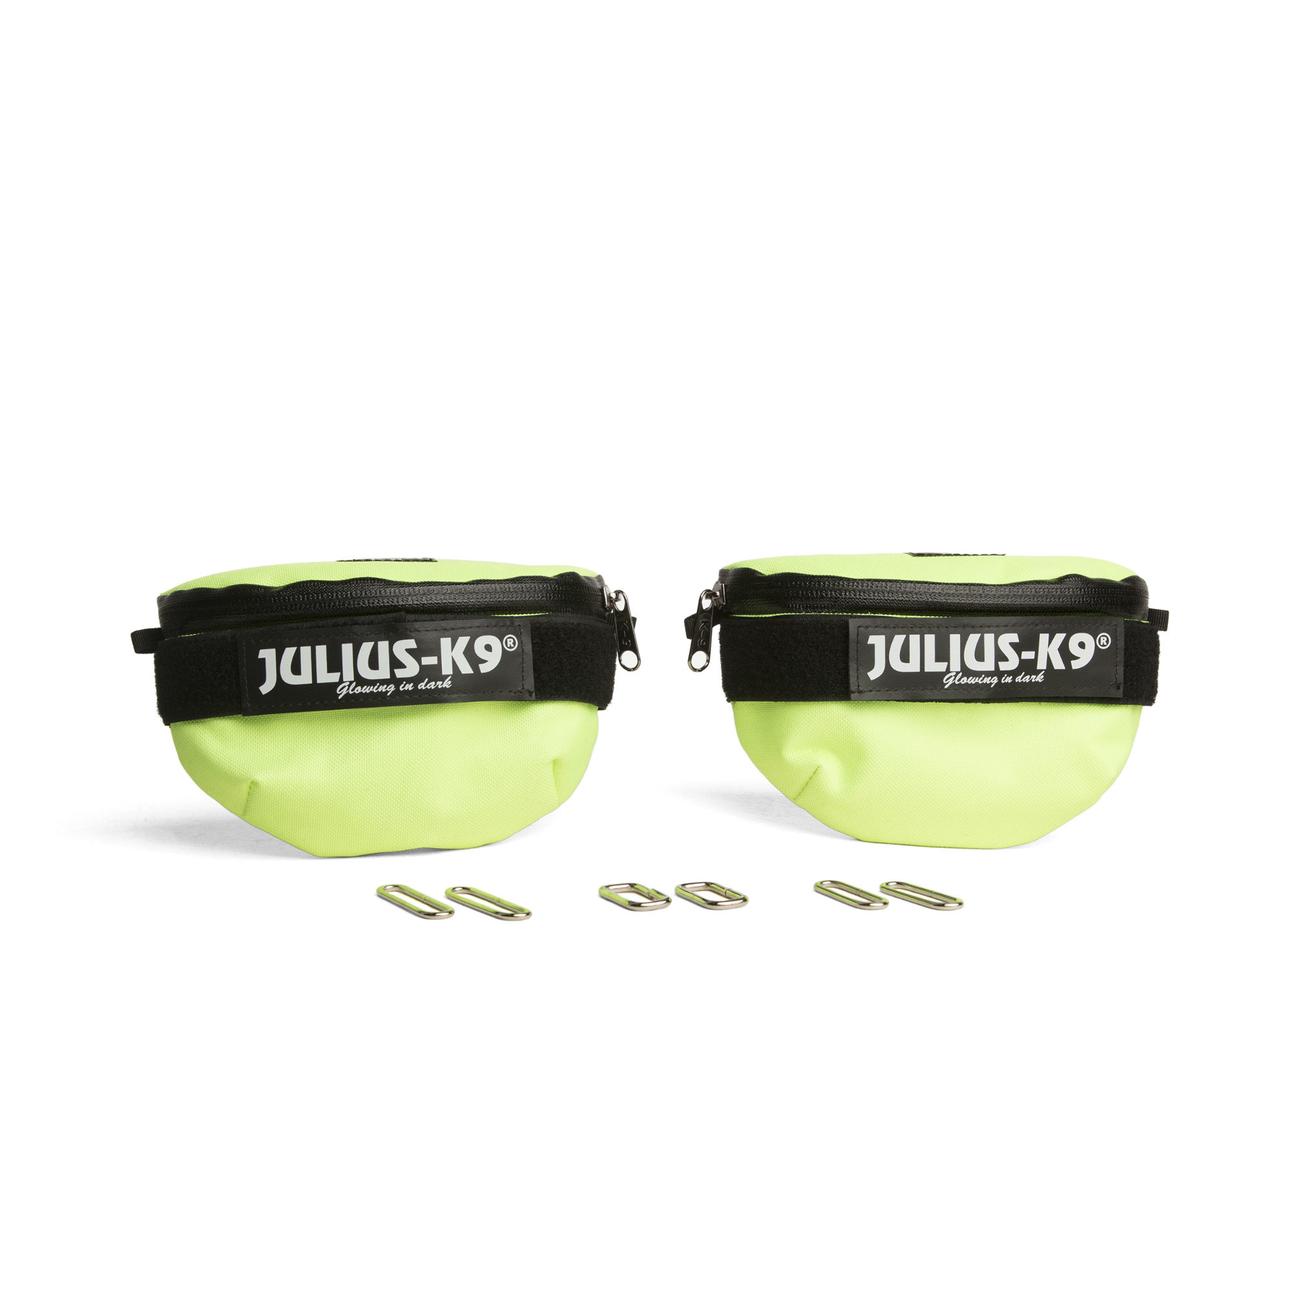 Universal Seitentasche für Julius K9 IDC-Geschirre, Baby 1 bis Mini-Mini, neon